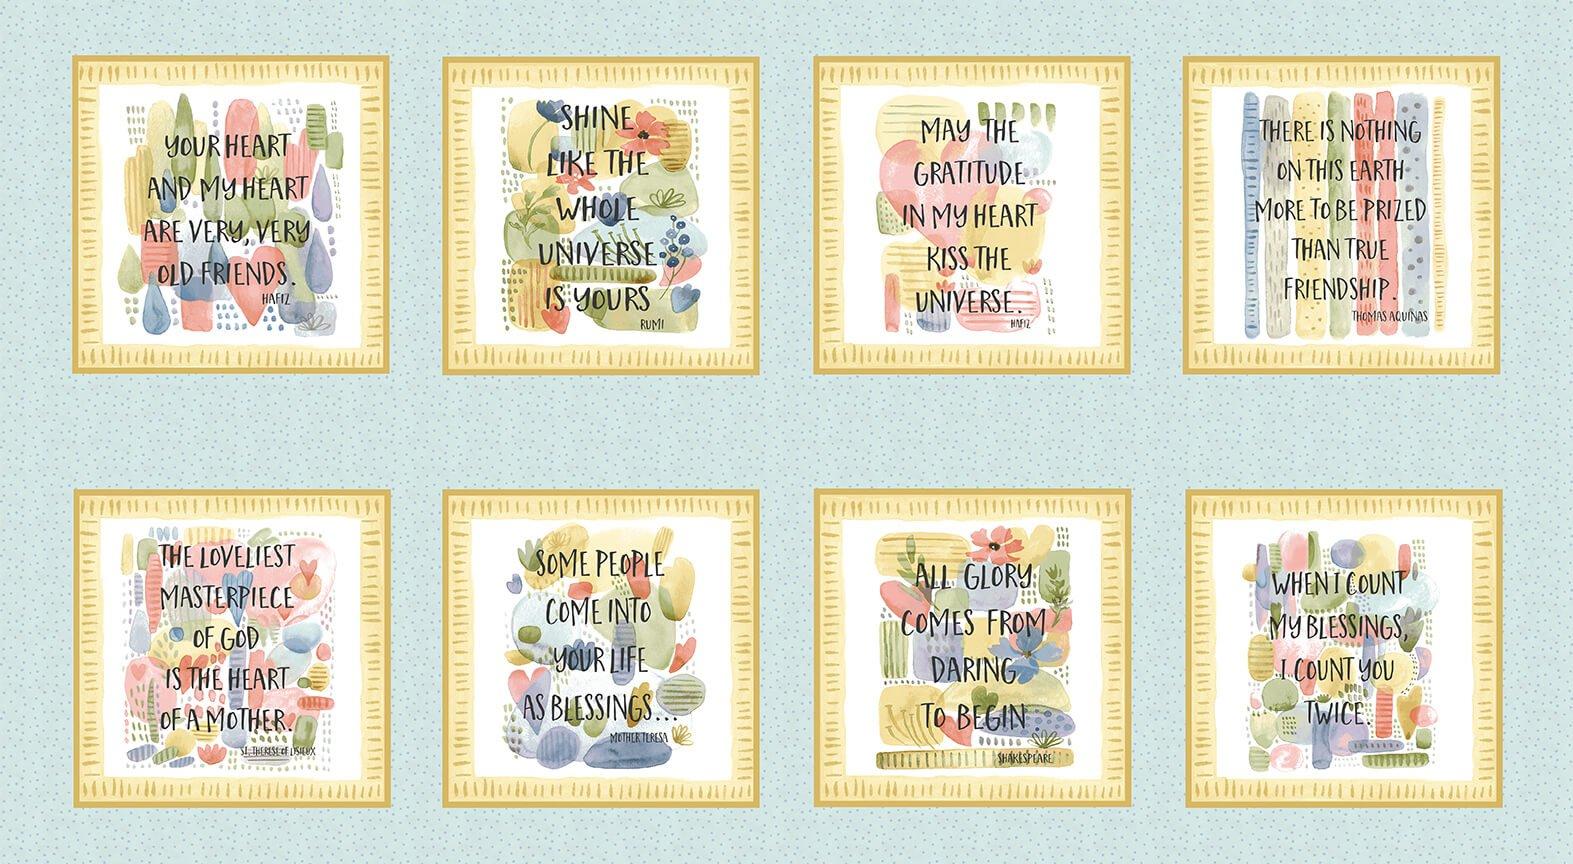 Blessings - Inspiration Blocks - 24 Panel - 8 Blocks - 8.5 x 9